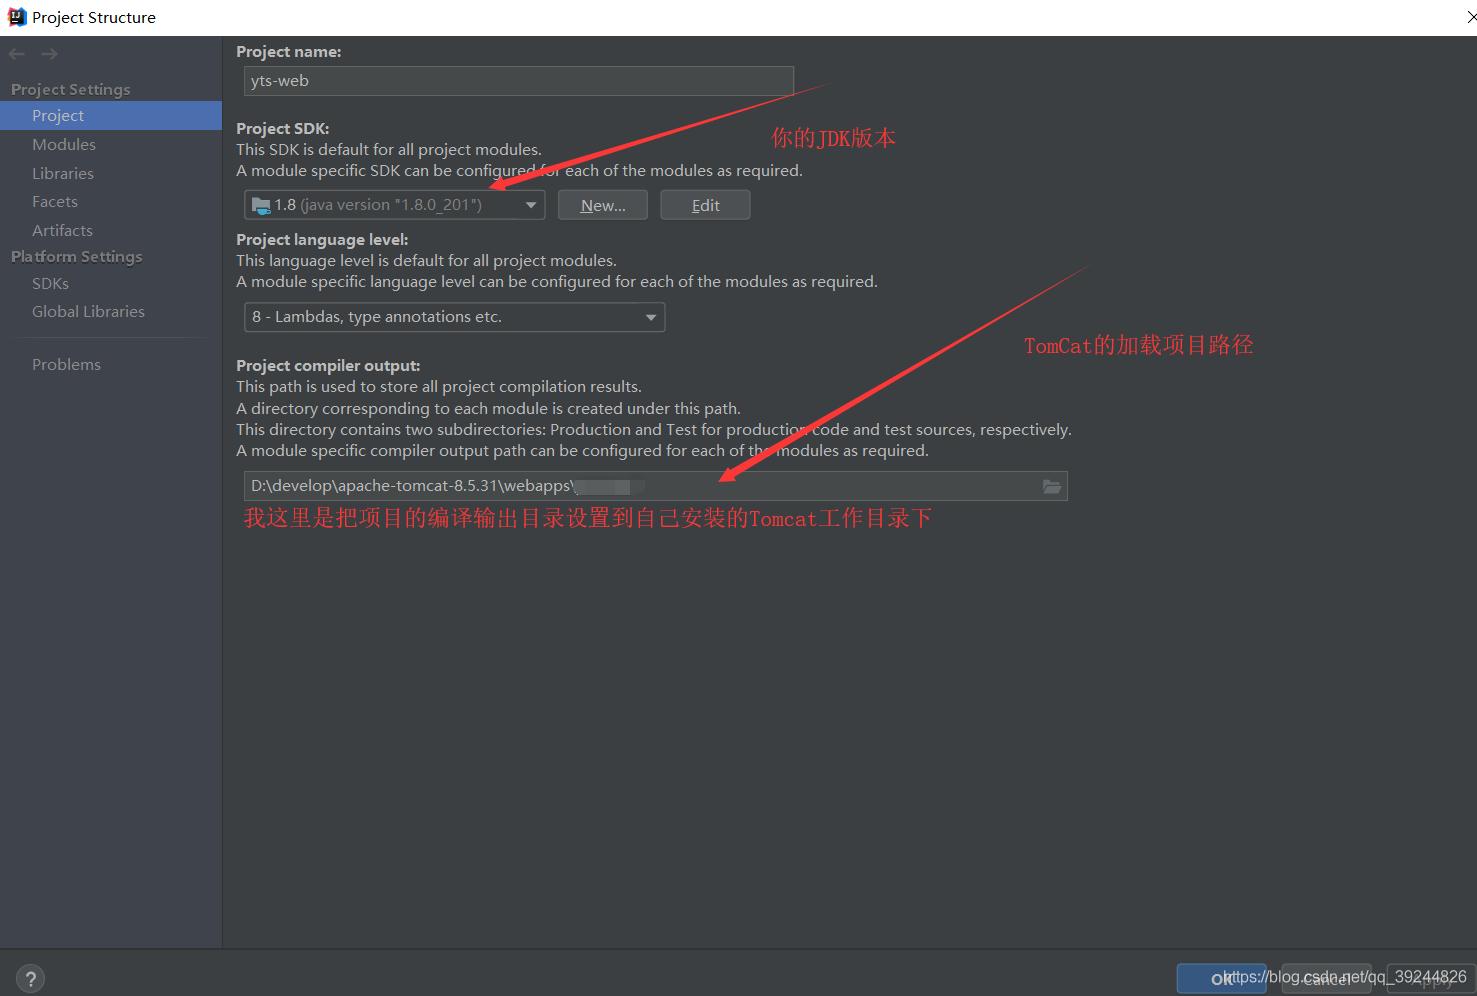 我已经把编译输出的目录设置到图中路径了,所以加载路径就是这个,不要被我的语法错误误导